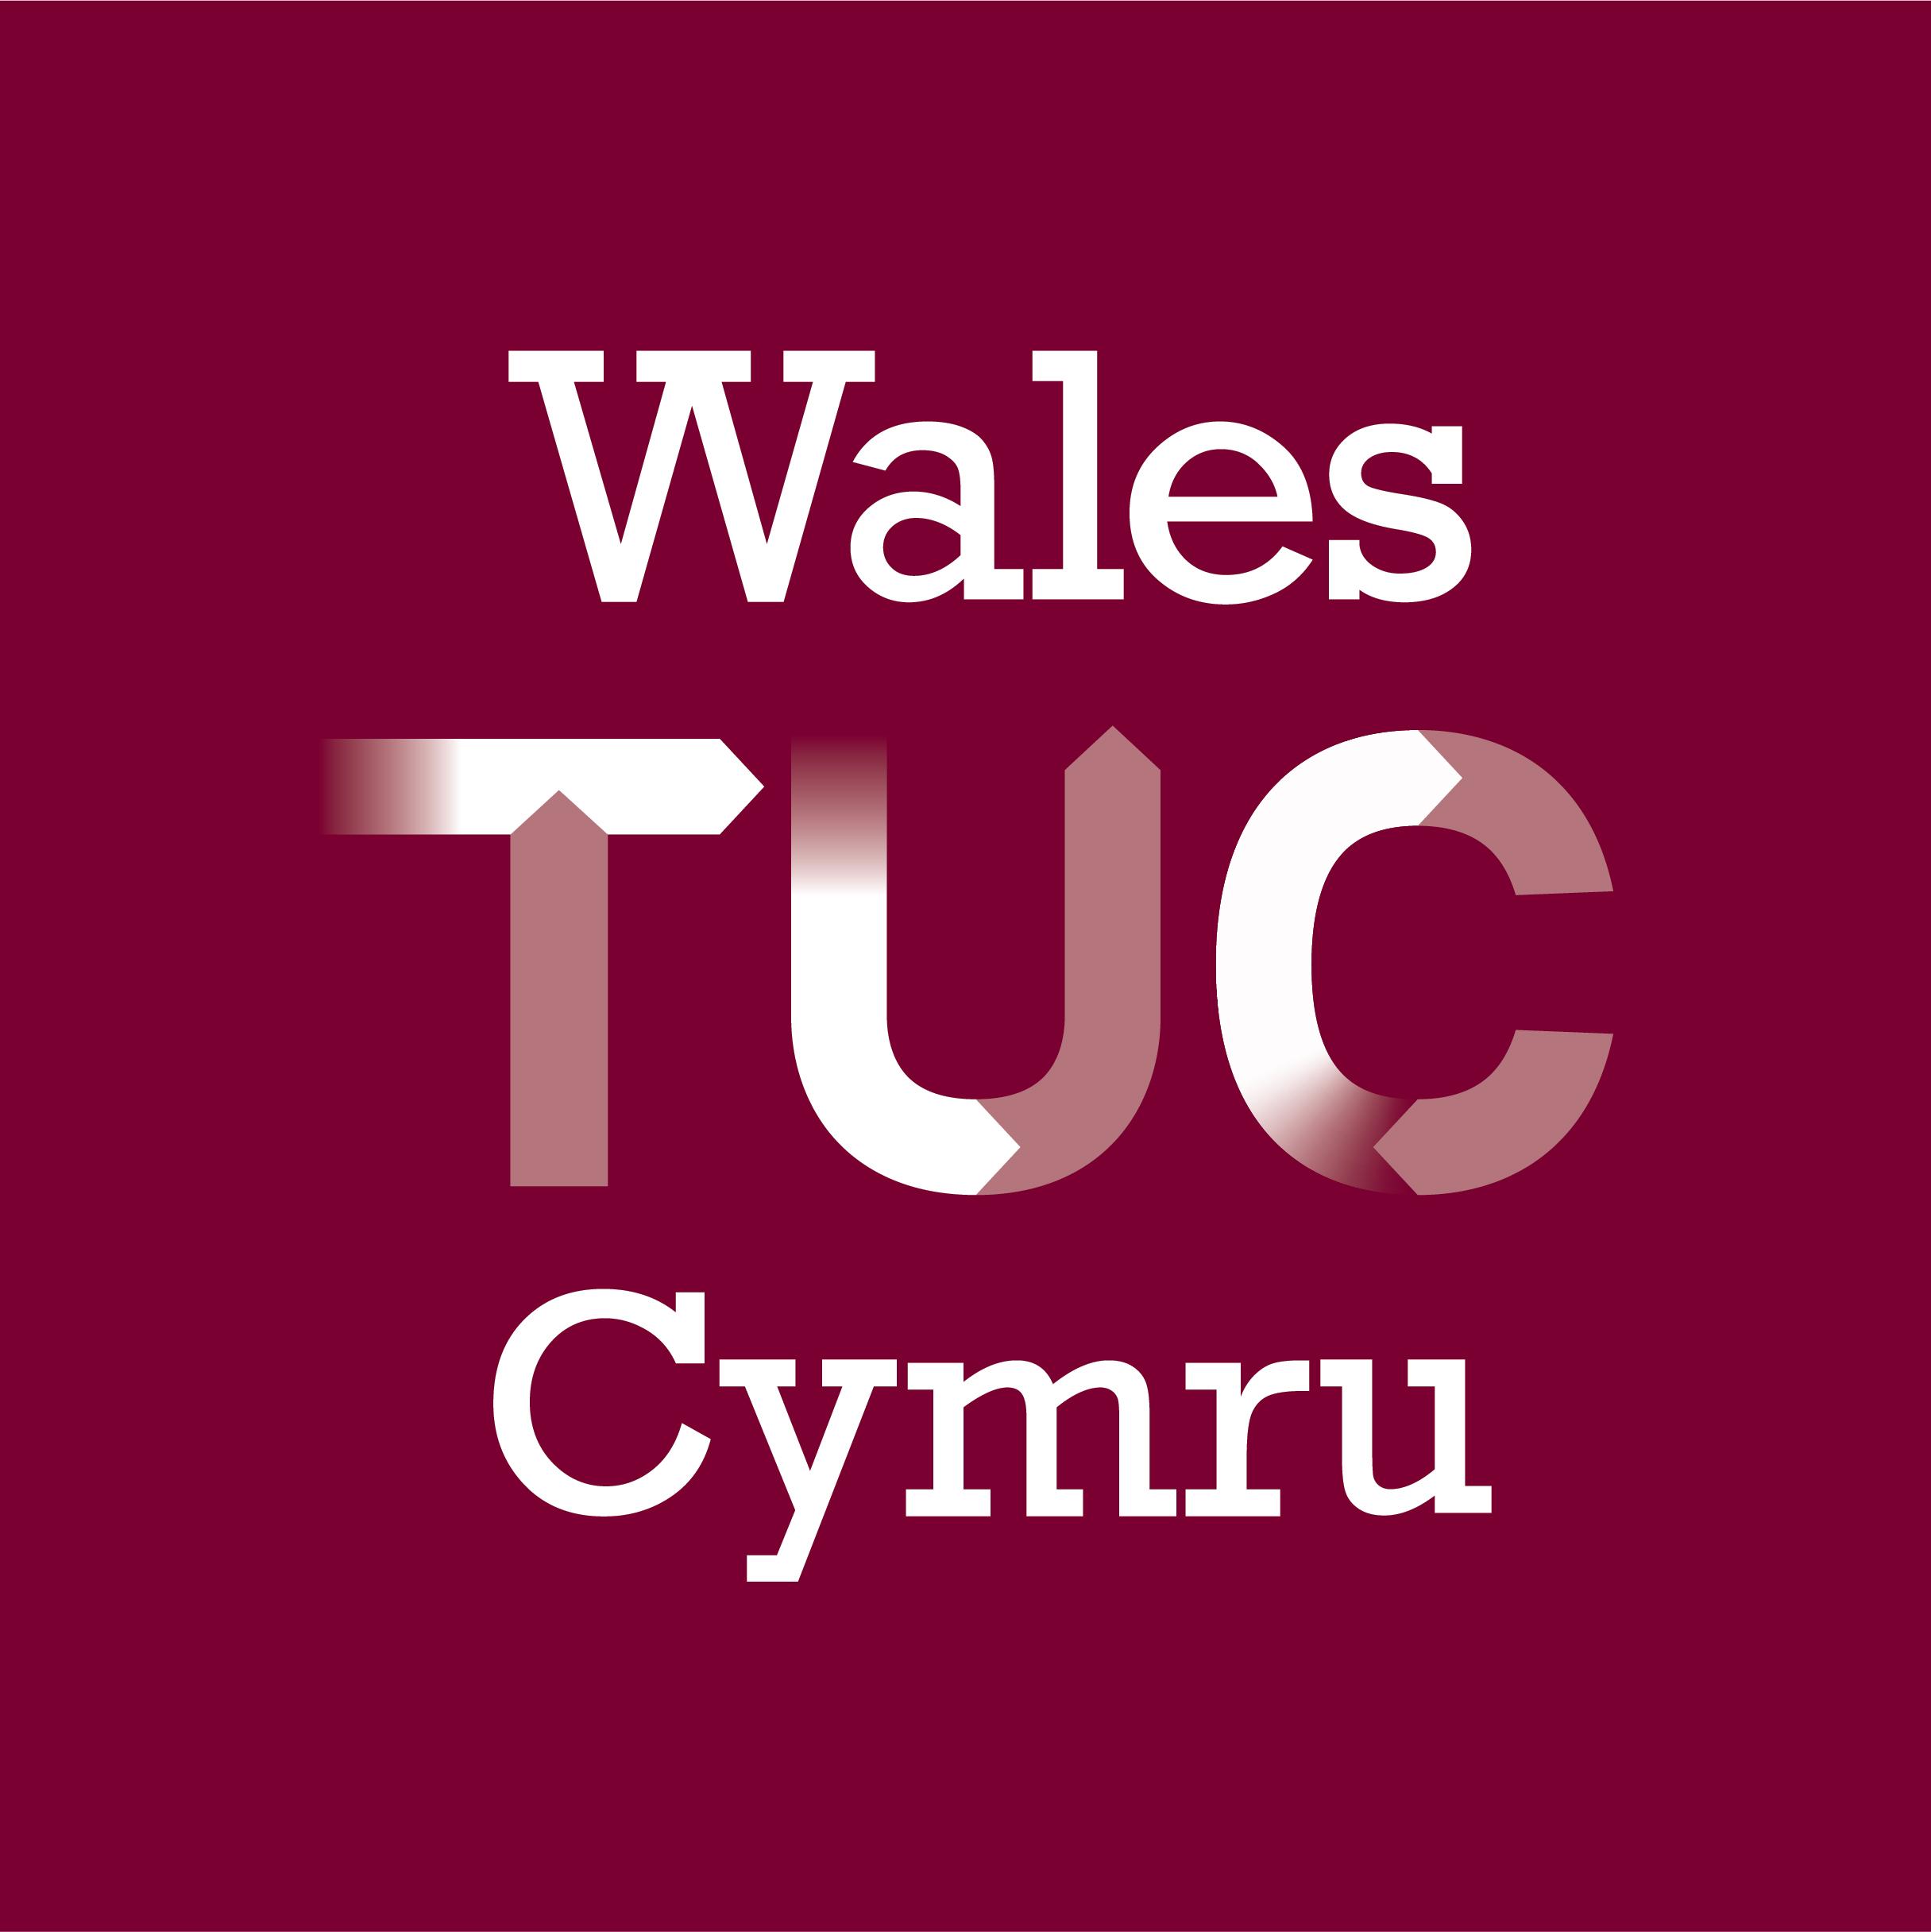 Wales TUC Cymru